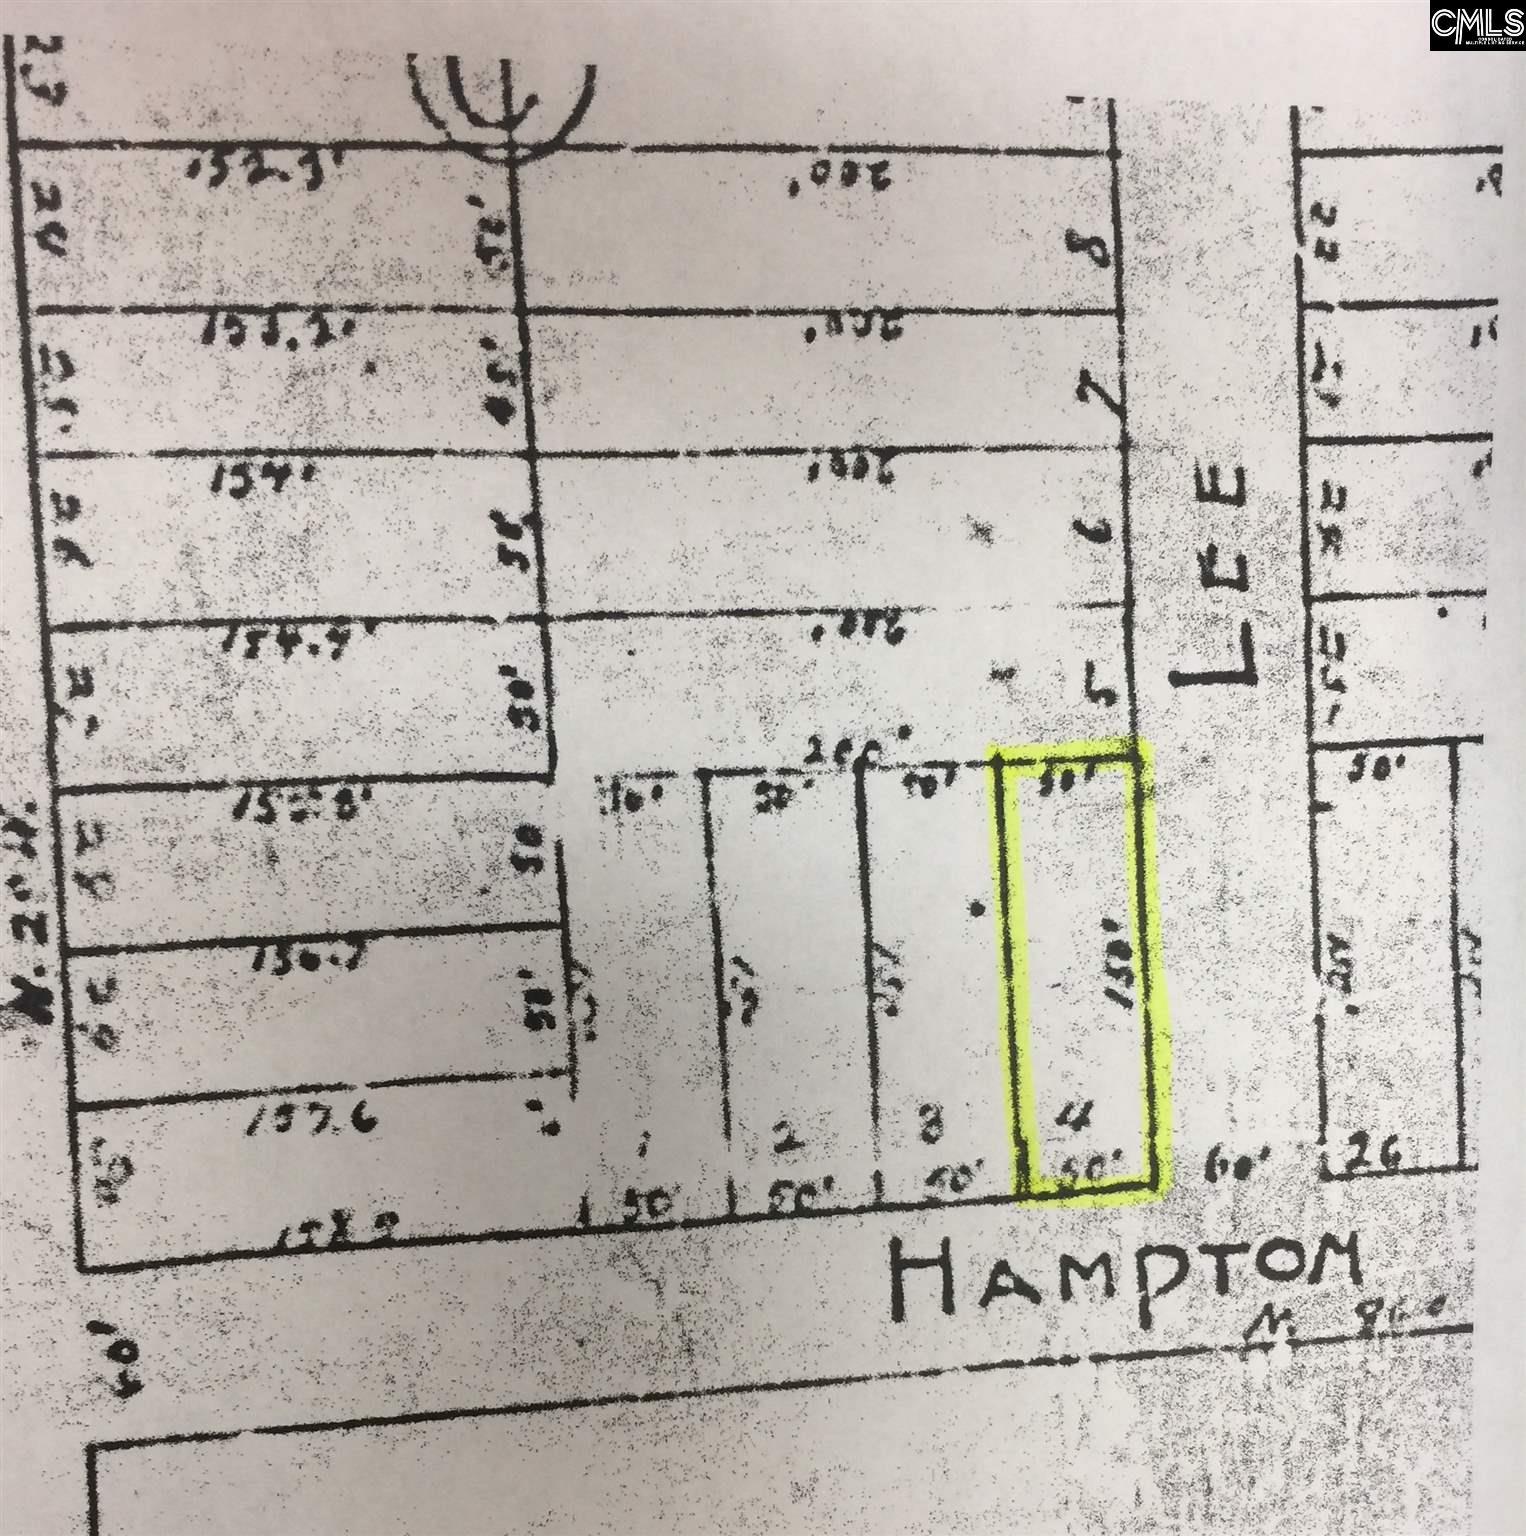 702 Hampton Camden, SC 29020